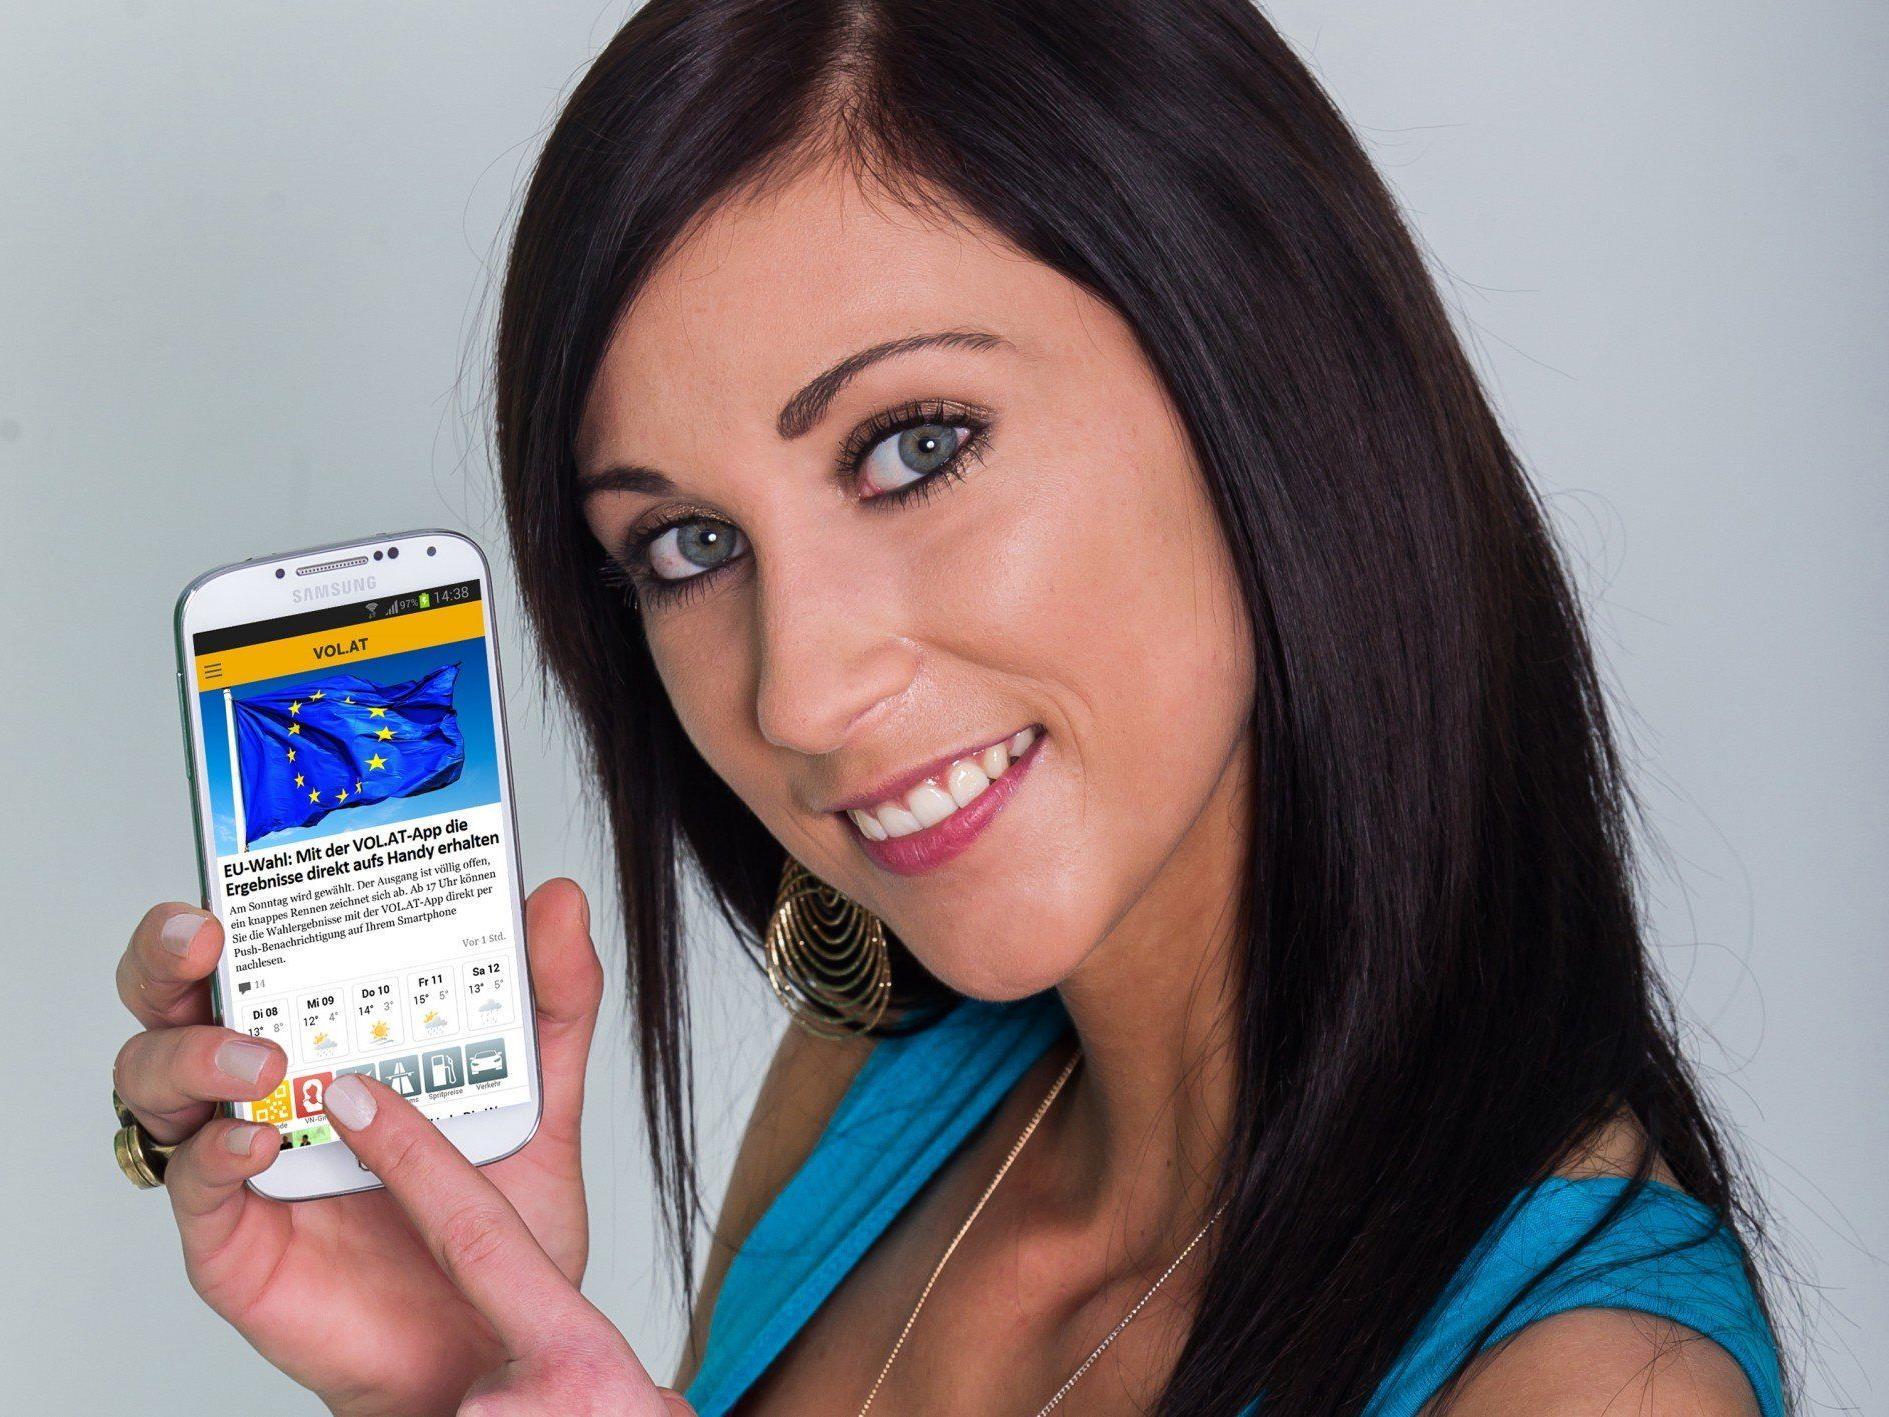 EU-Wahl: Ergebnisse mit VOL.AT-App direkt aufs Smartphone.